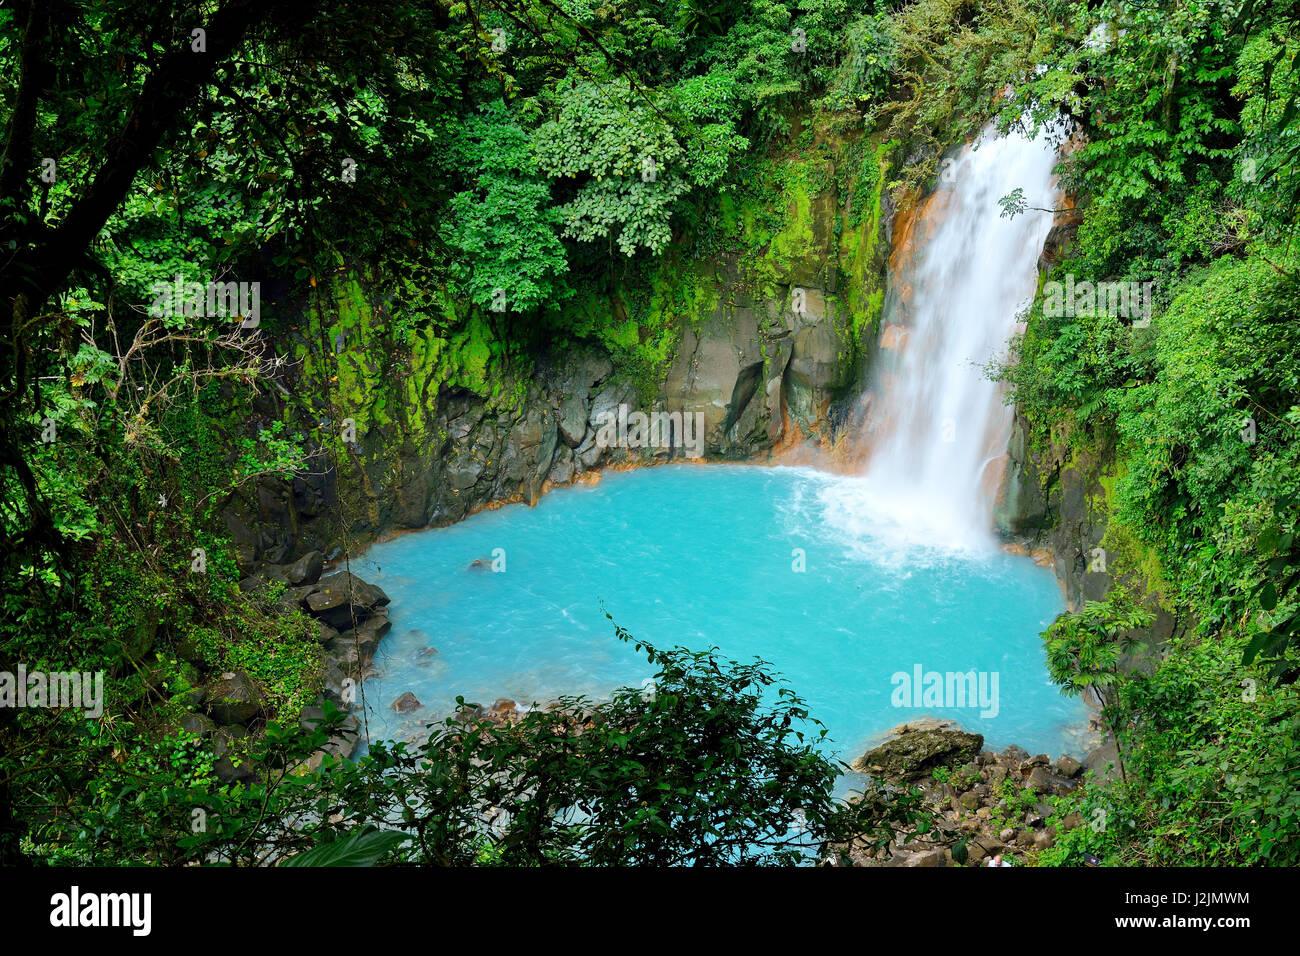 La cascade aux eaux bleues de la Rio Celeste dans le Parc National Volcan Tenorio, Costa Rica, Amérique Centrale Photo Stock